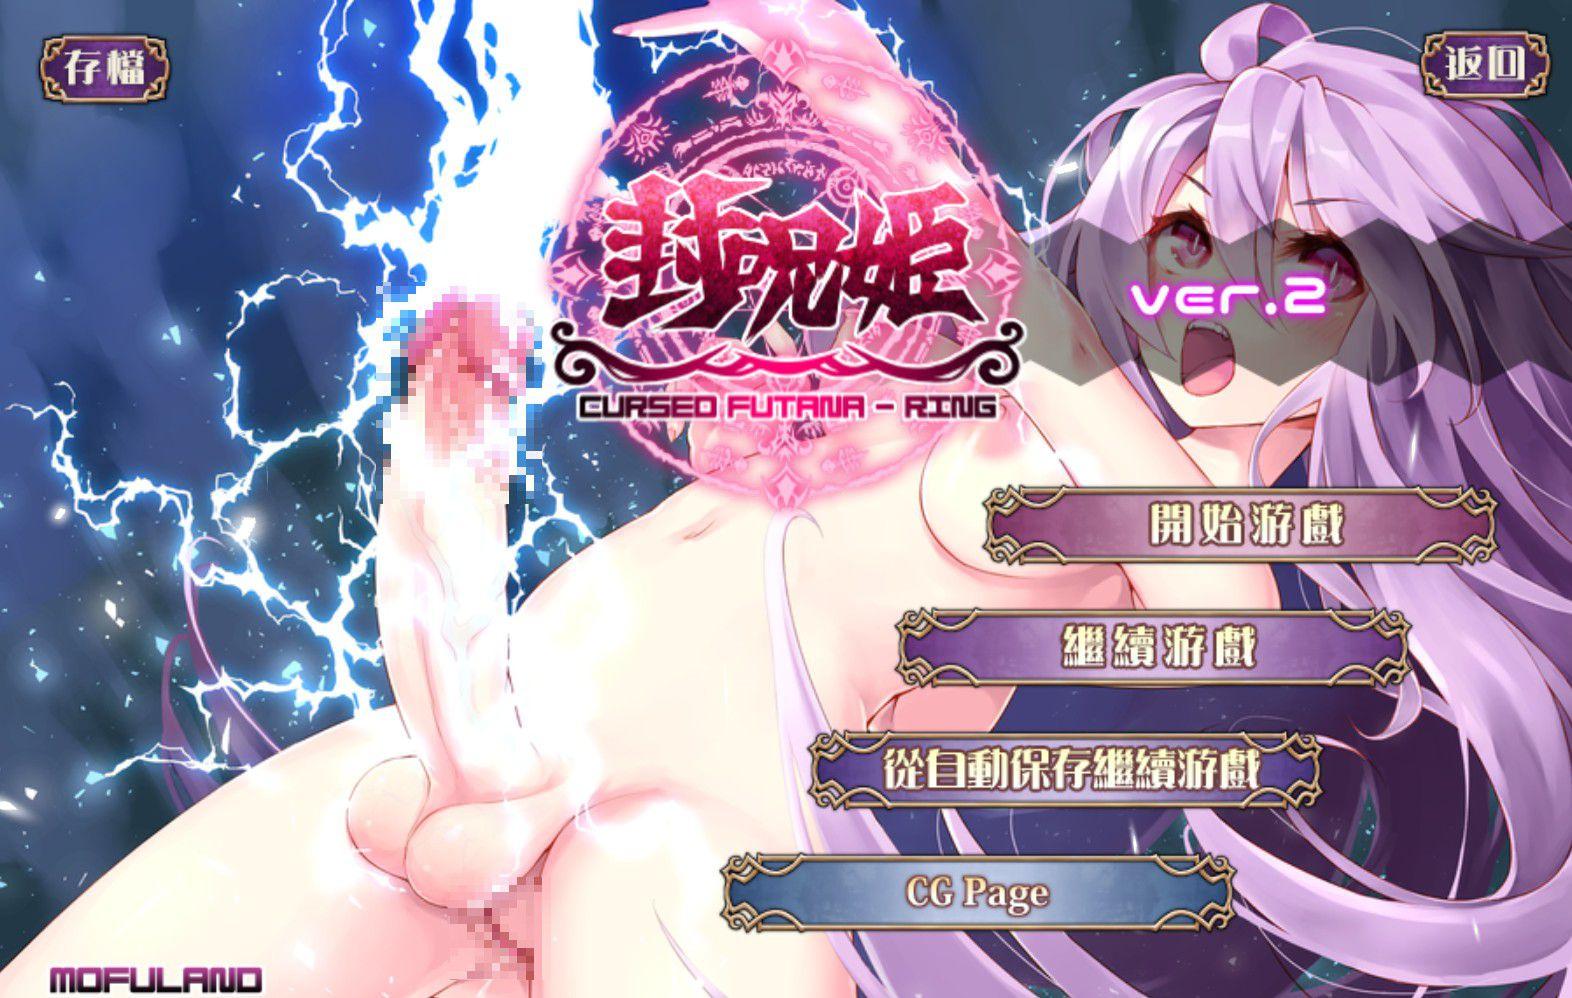 【战棋SLG/汉化/全动态】封呪姫 Ver.2.88B [GORPG完整汉化版] 【新汉化】【350M】